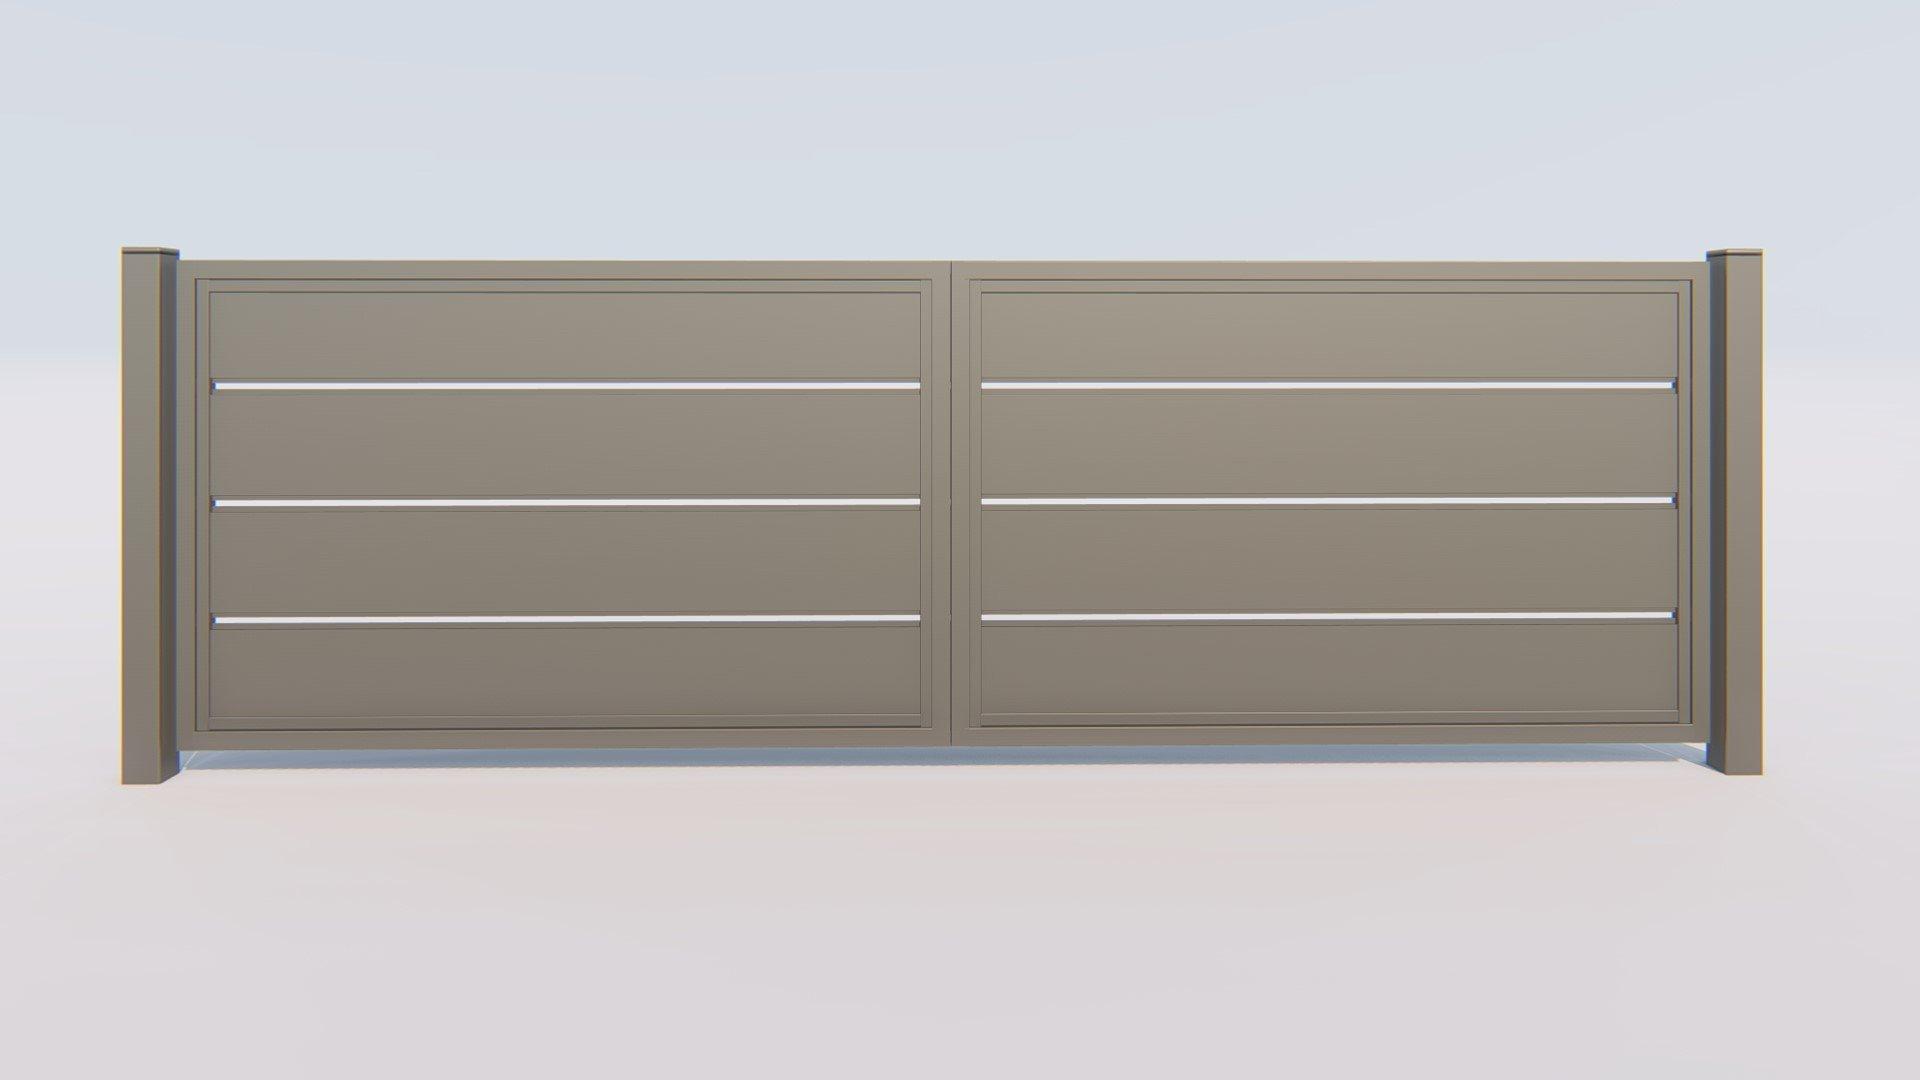 brama otwierana ogrodzeniowa nowoczesne z szerokimi lamelami modern tanio